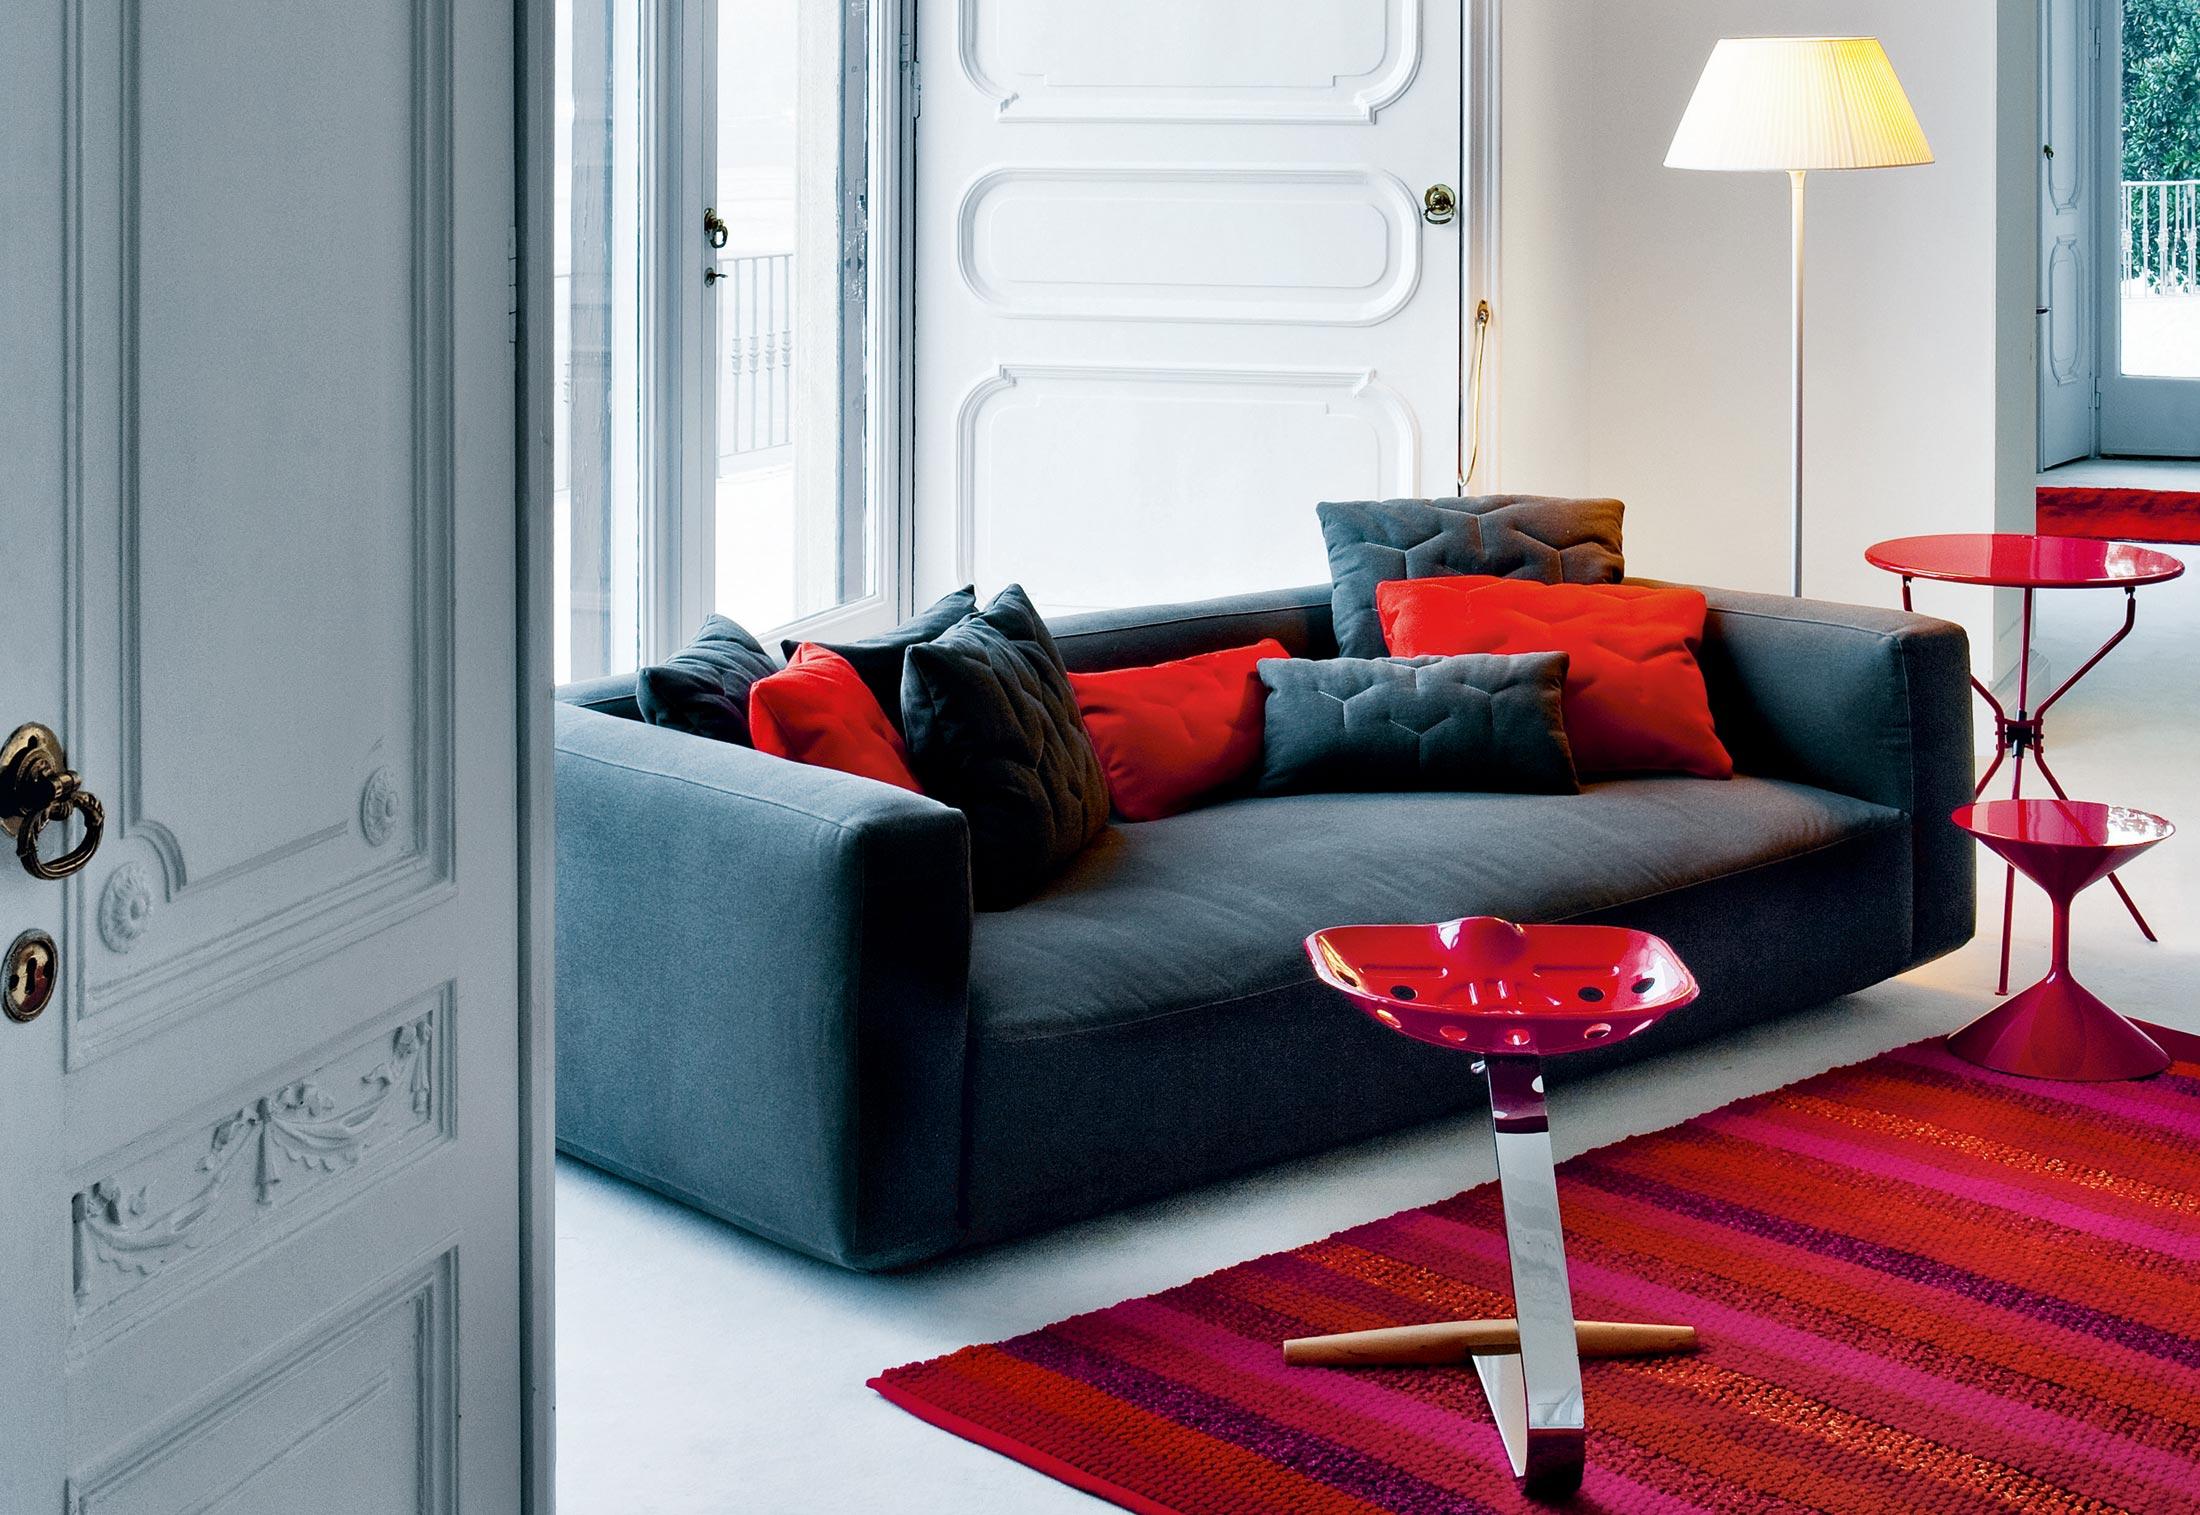 Altopiano di zanotta divani e poltrone arredamento for Poltrone zanotta